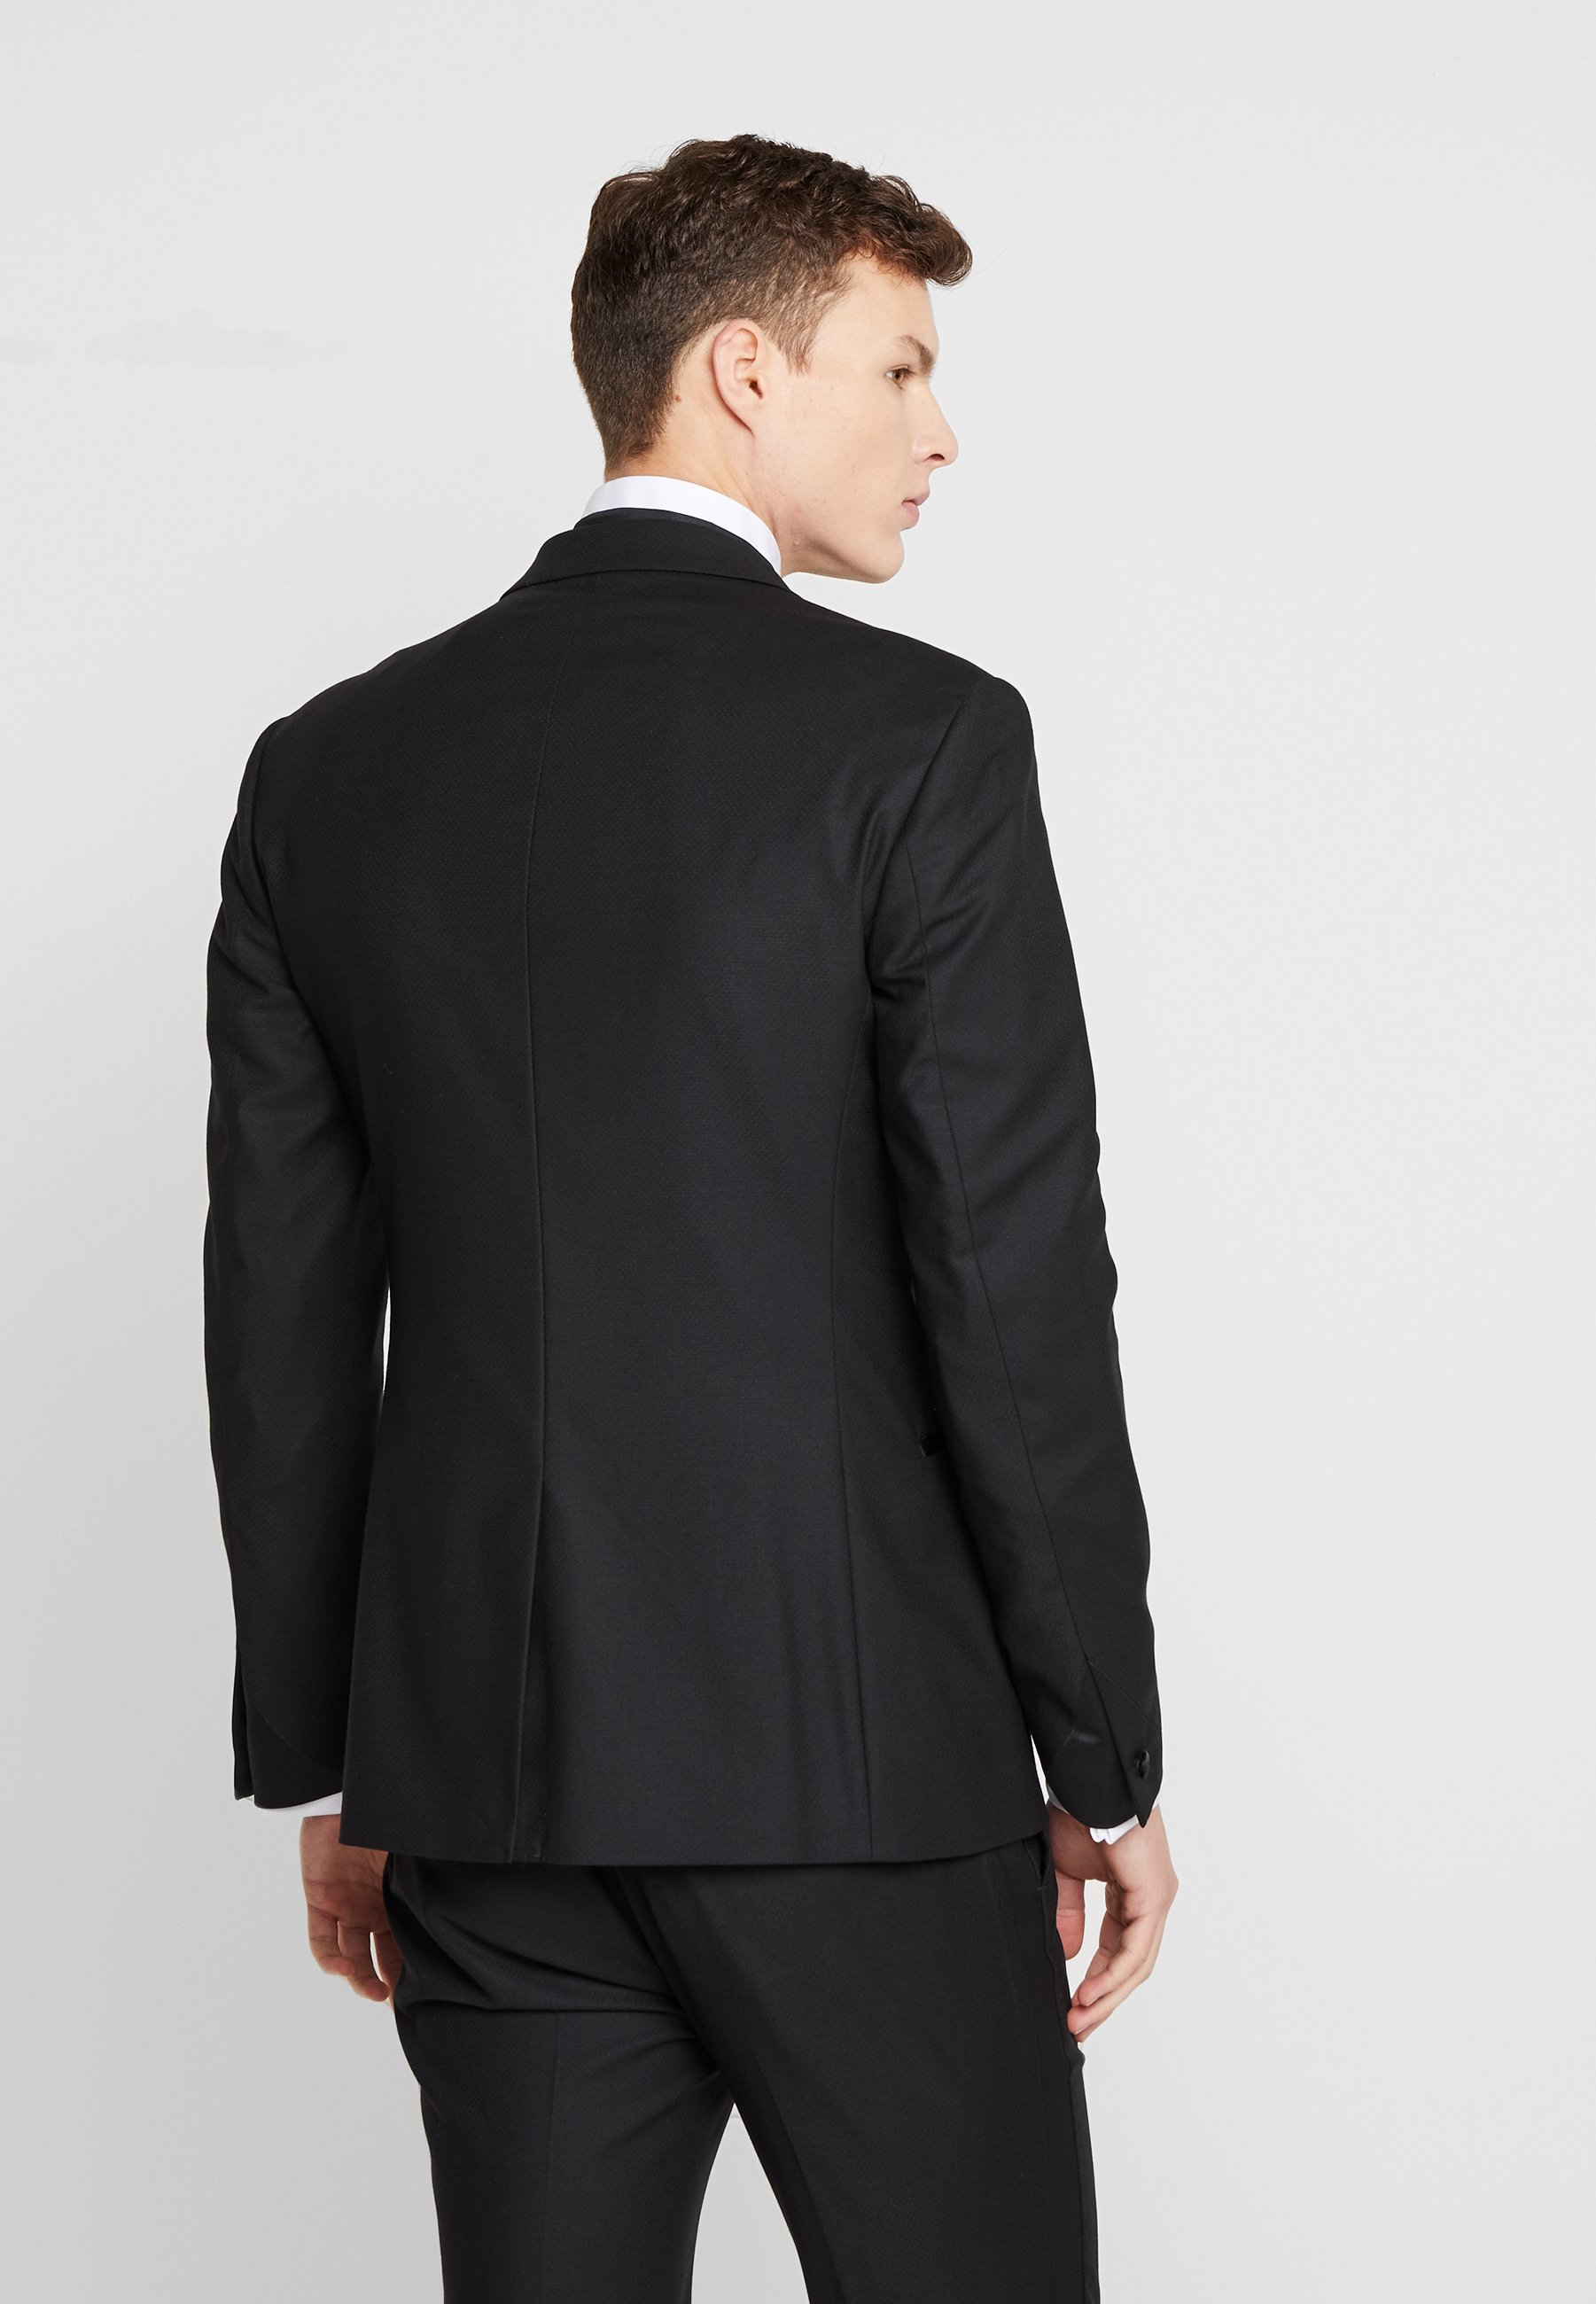 Topman Corey Tux - Giacca Elegante Black 9s9pP